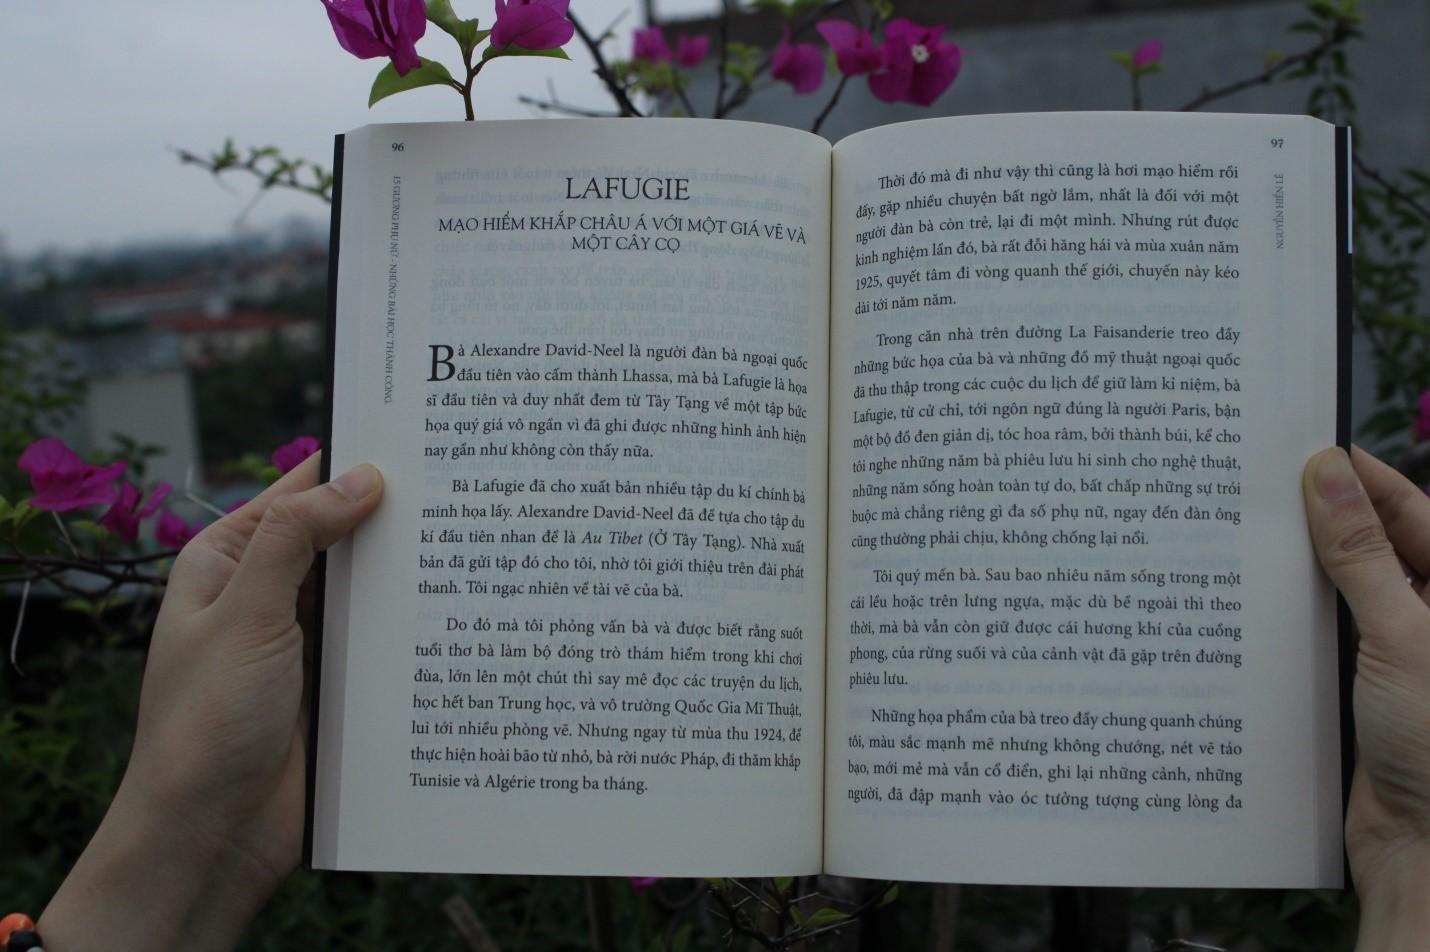 15 Gương Phụ Nữ - Những Bài Học Thành Công (Nguyễn Hiến Lê - Bộ Sách Sống Sao Cho Đúng)